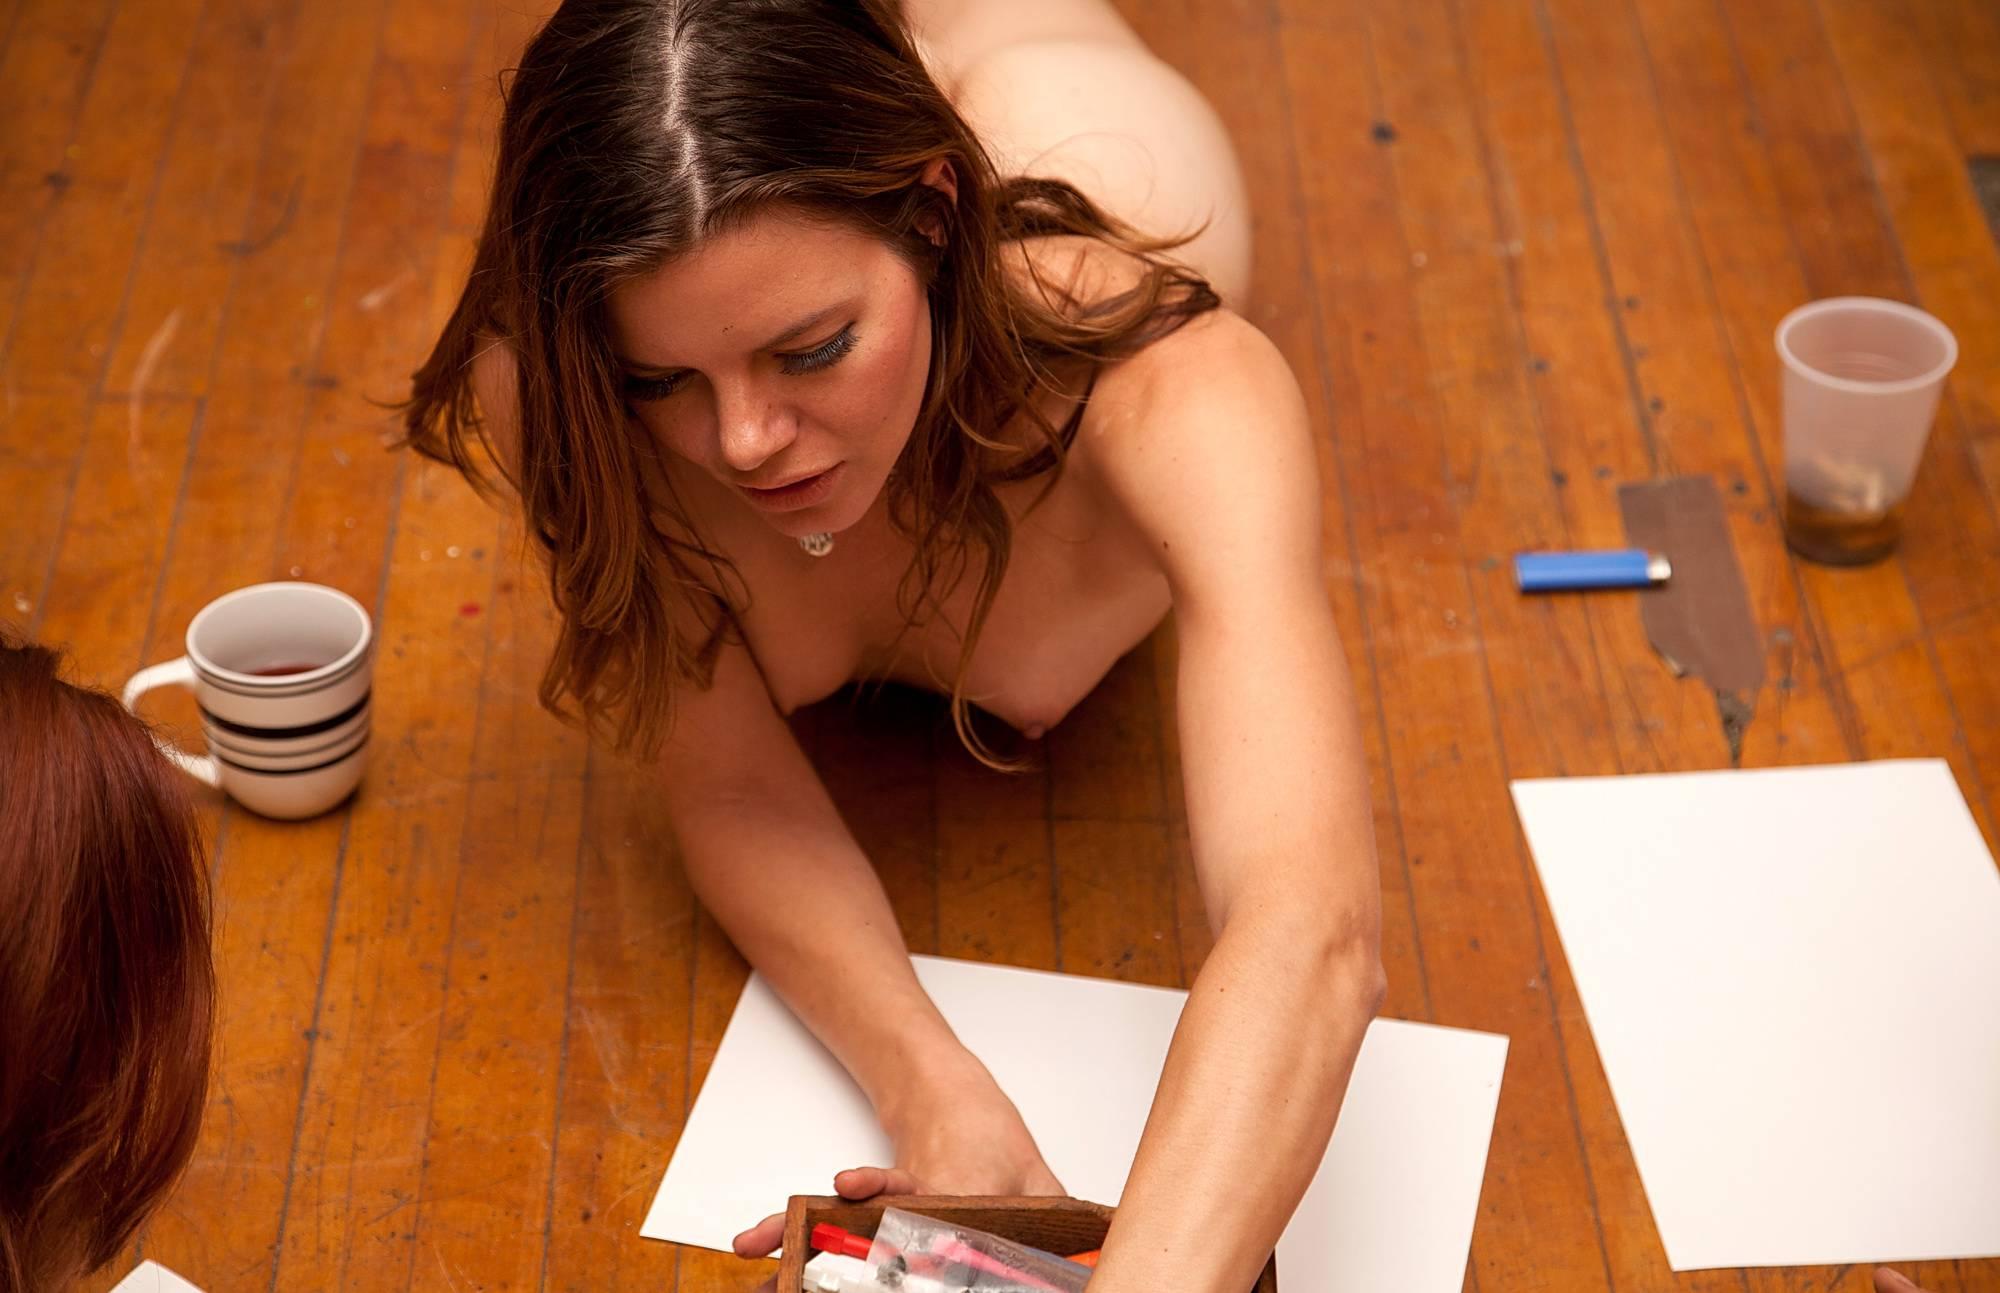 Wooden Floor Artistry - 2